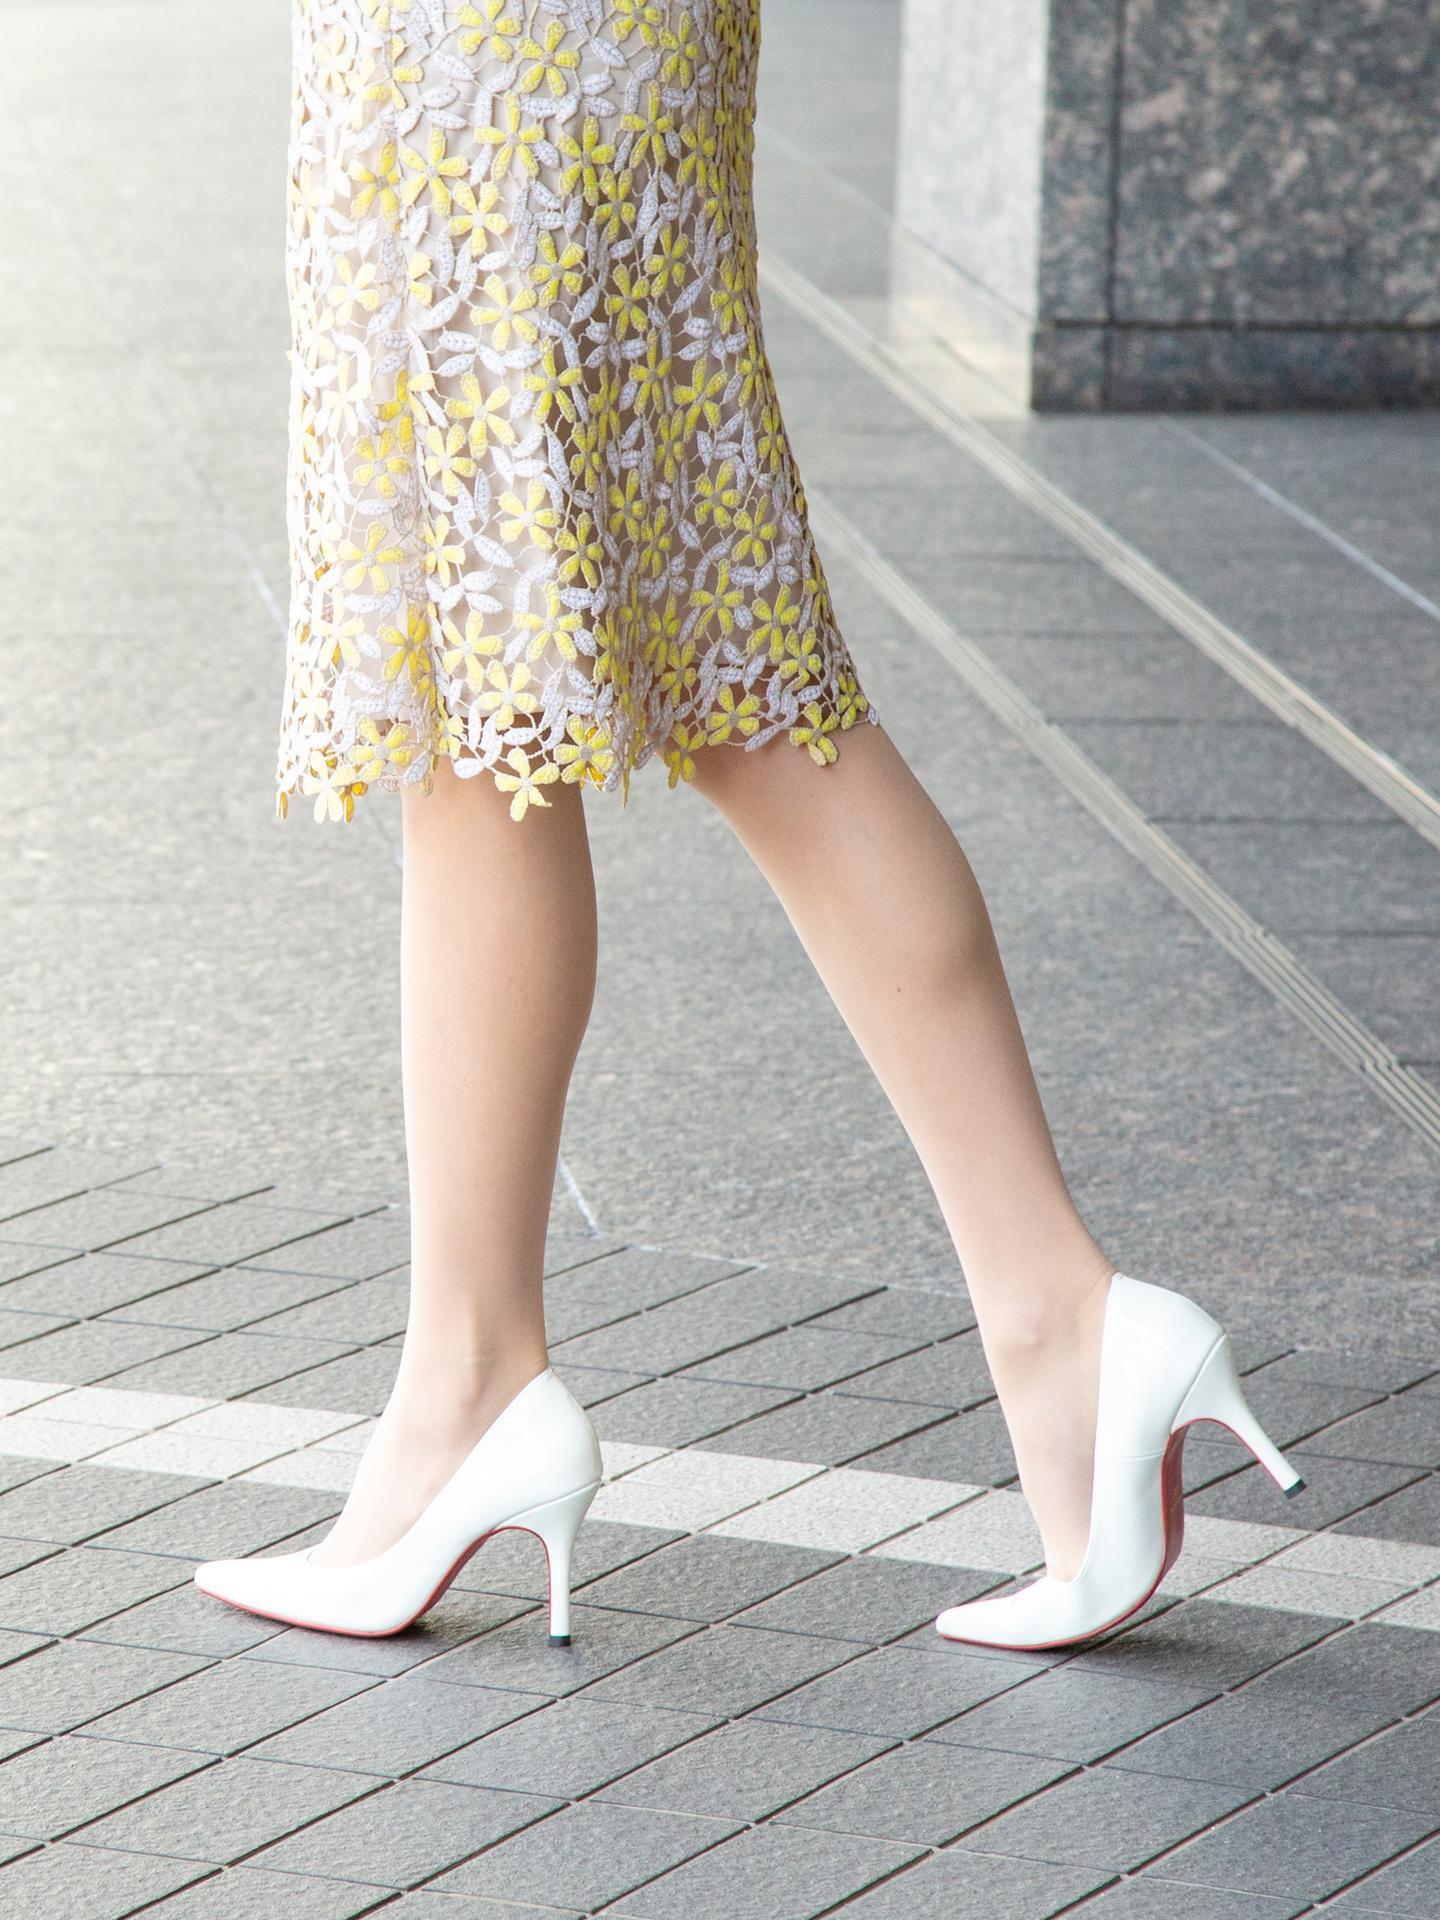 涼感ストッキング ( 011700050 ) | 靴下屋公式通販 Tabio オンライン ...